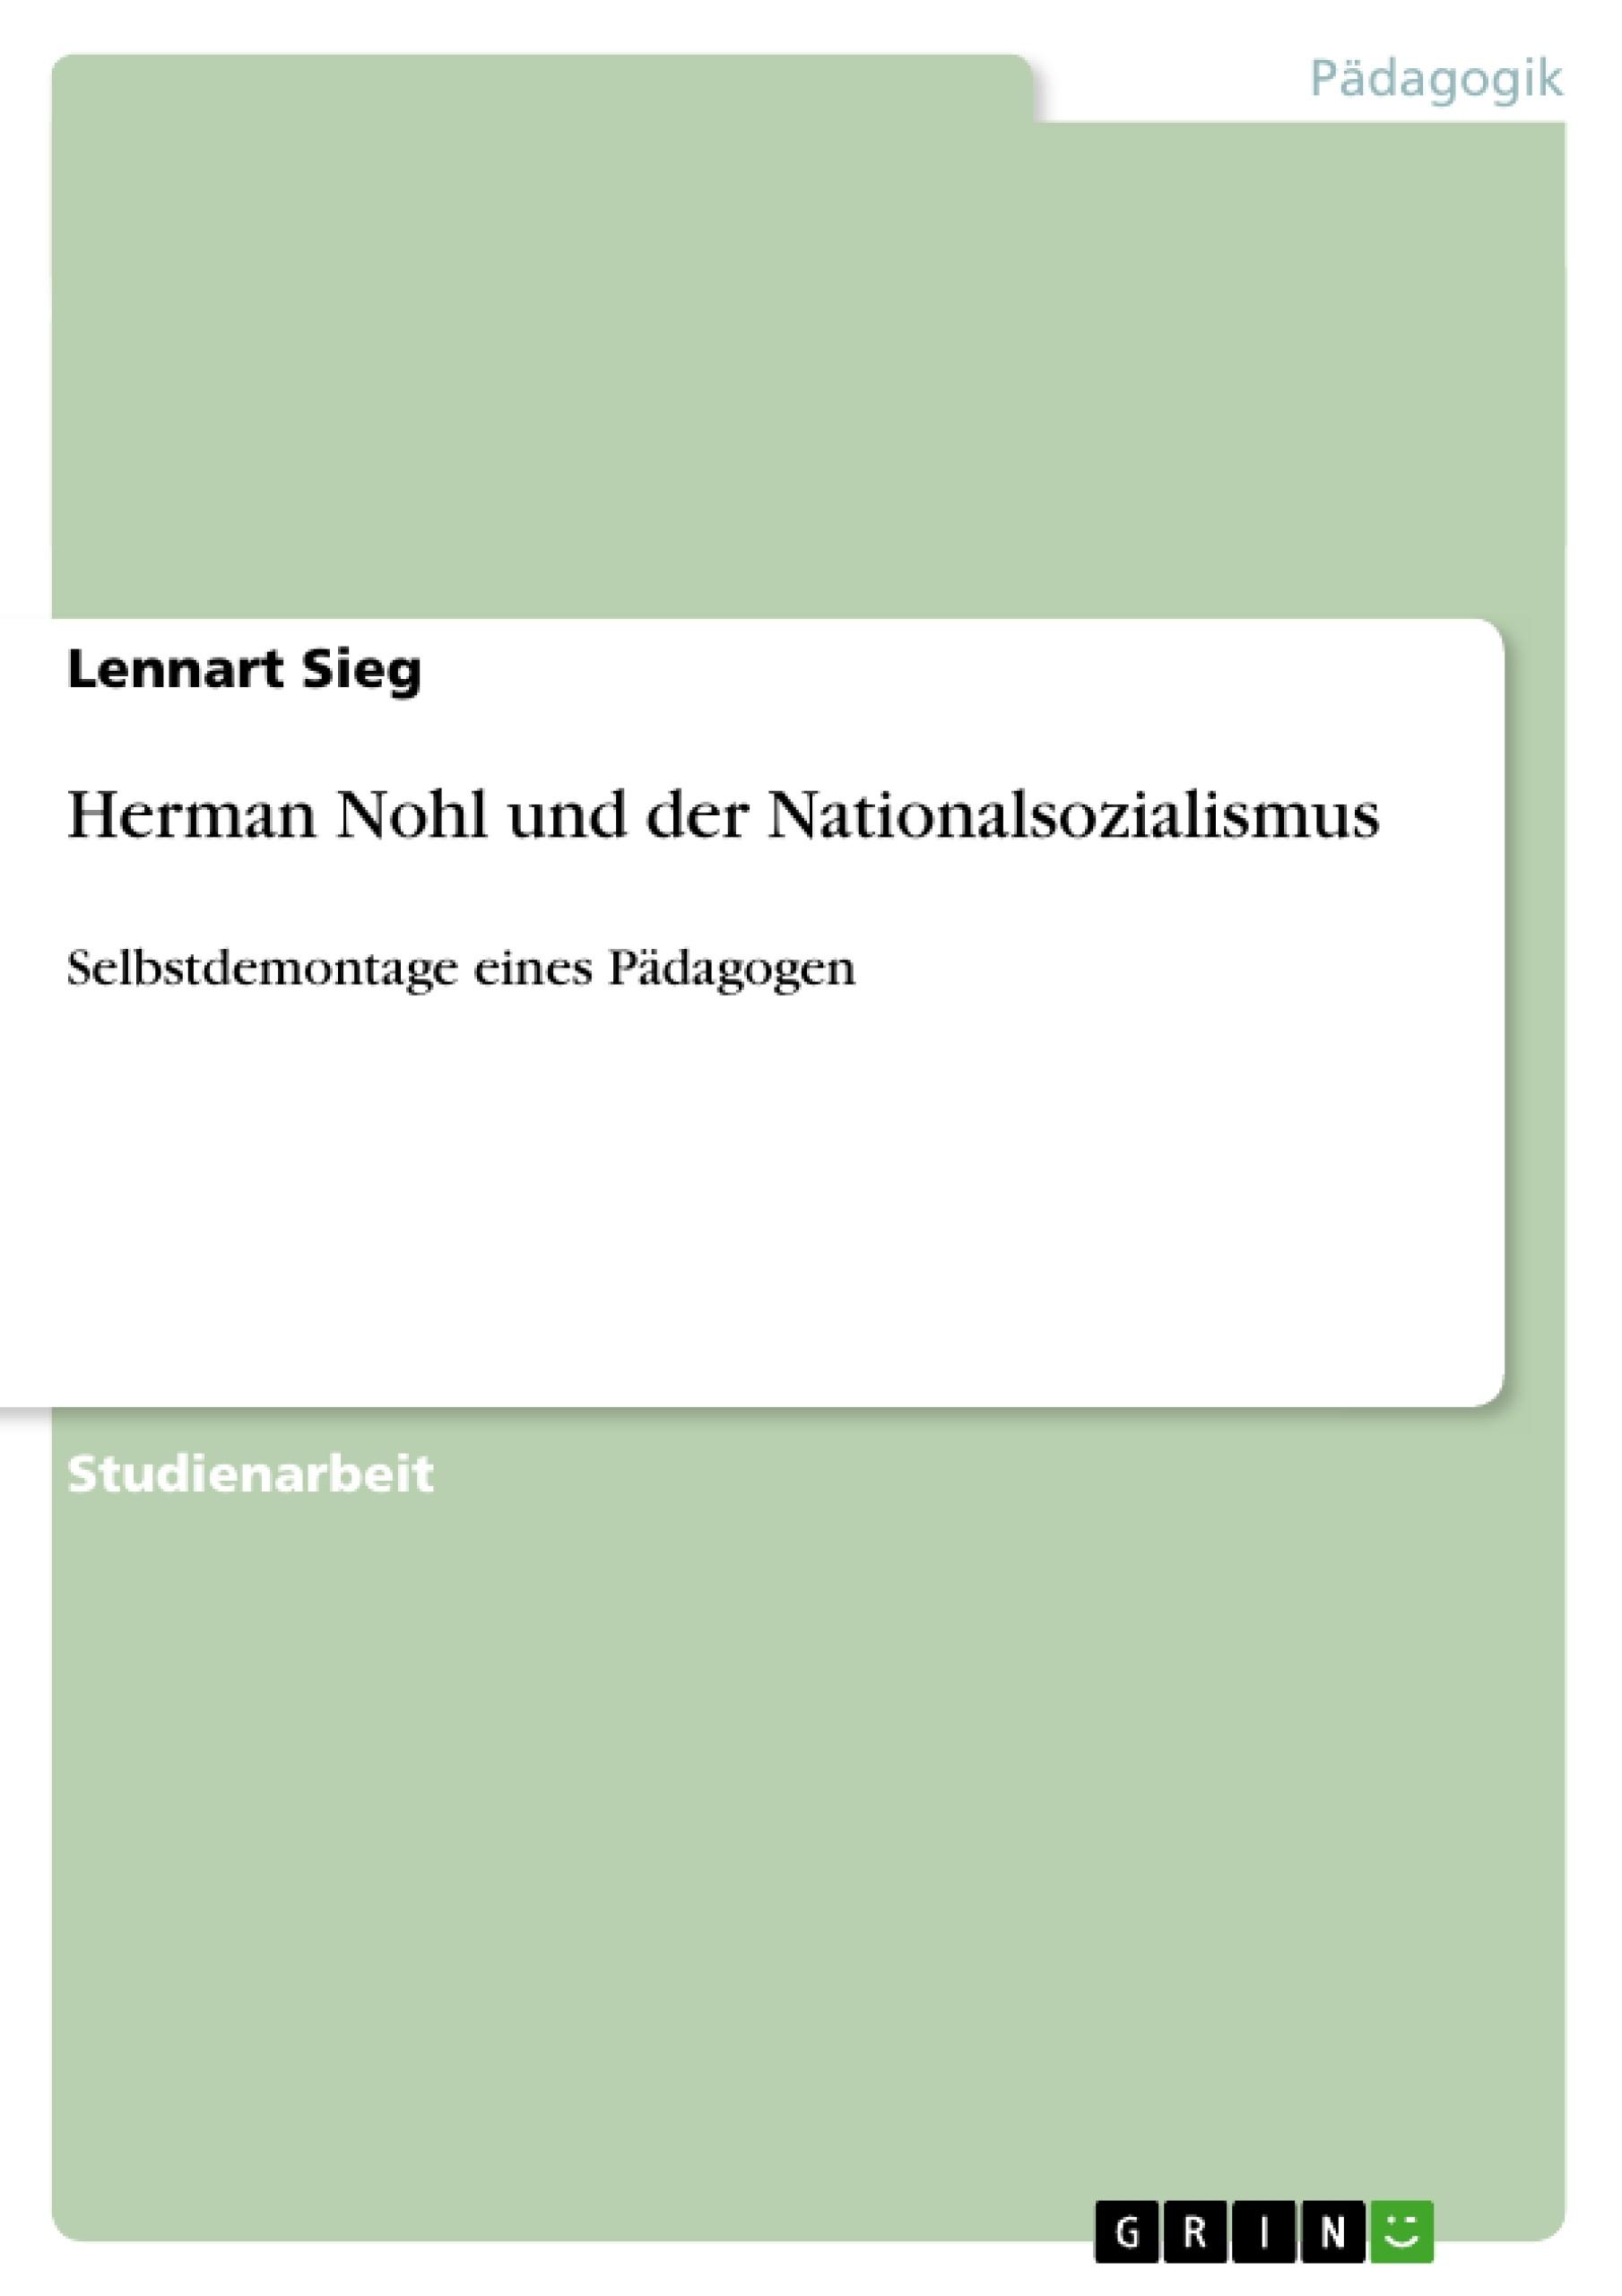 Titel: Herman Nohl und der Nationalsozialismus